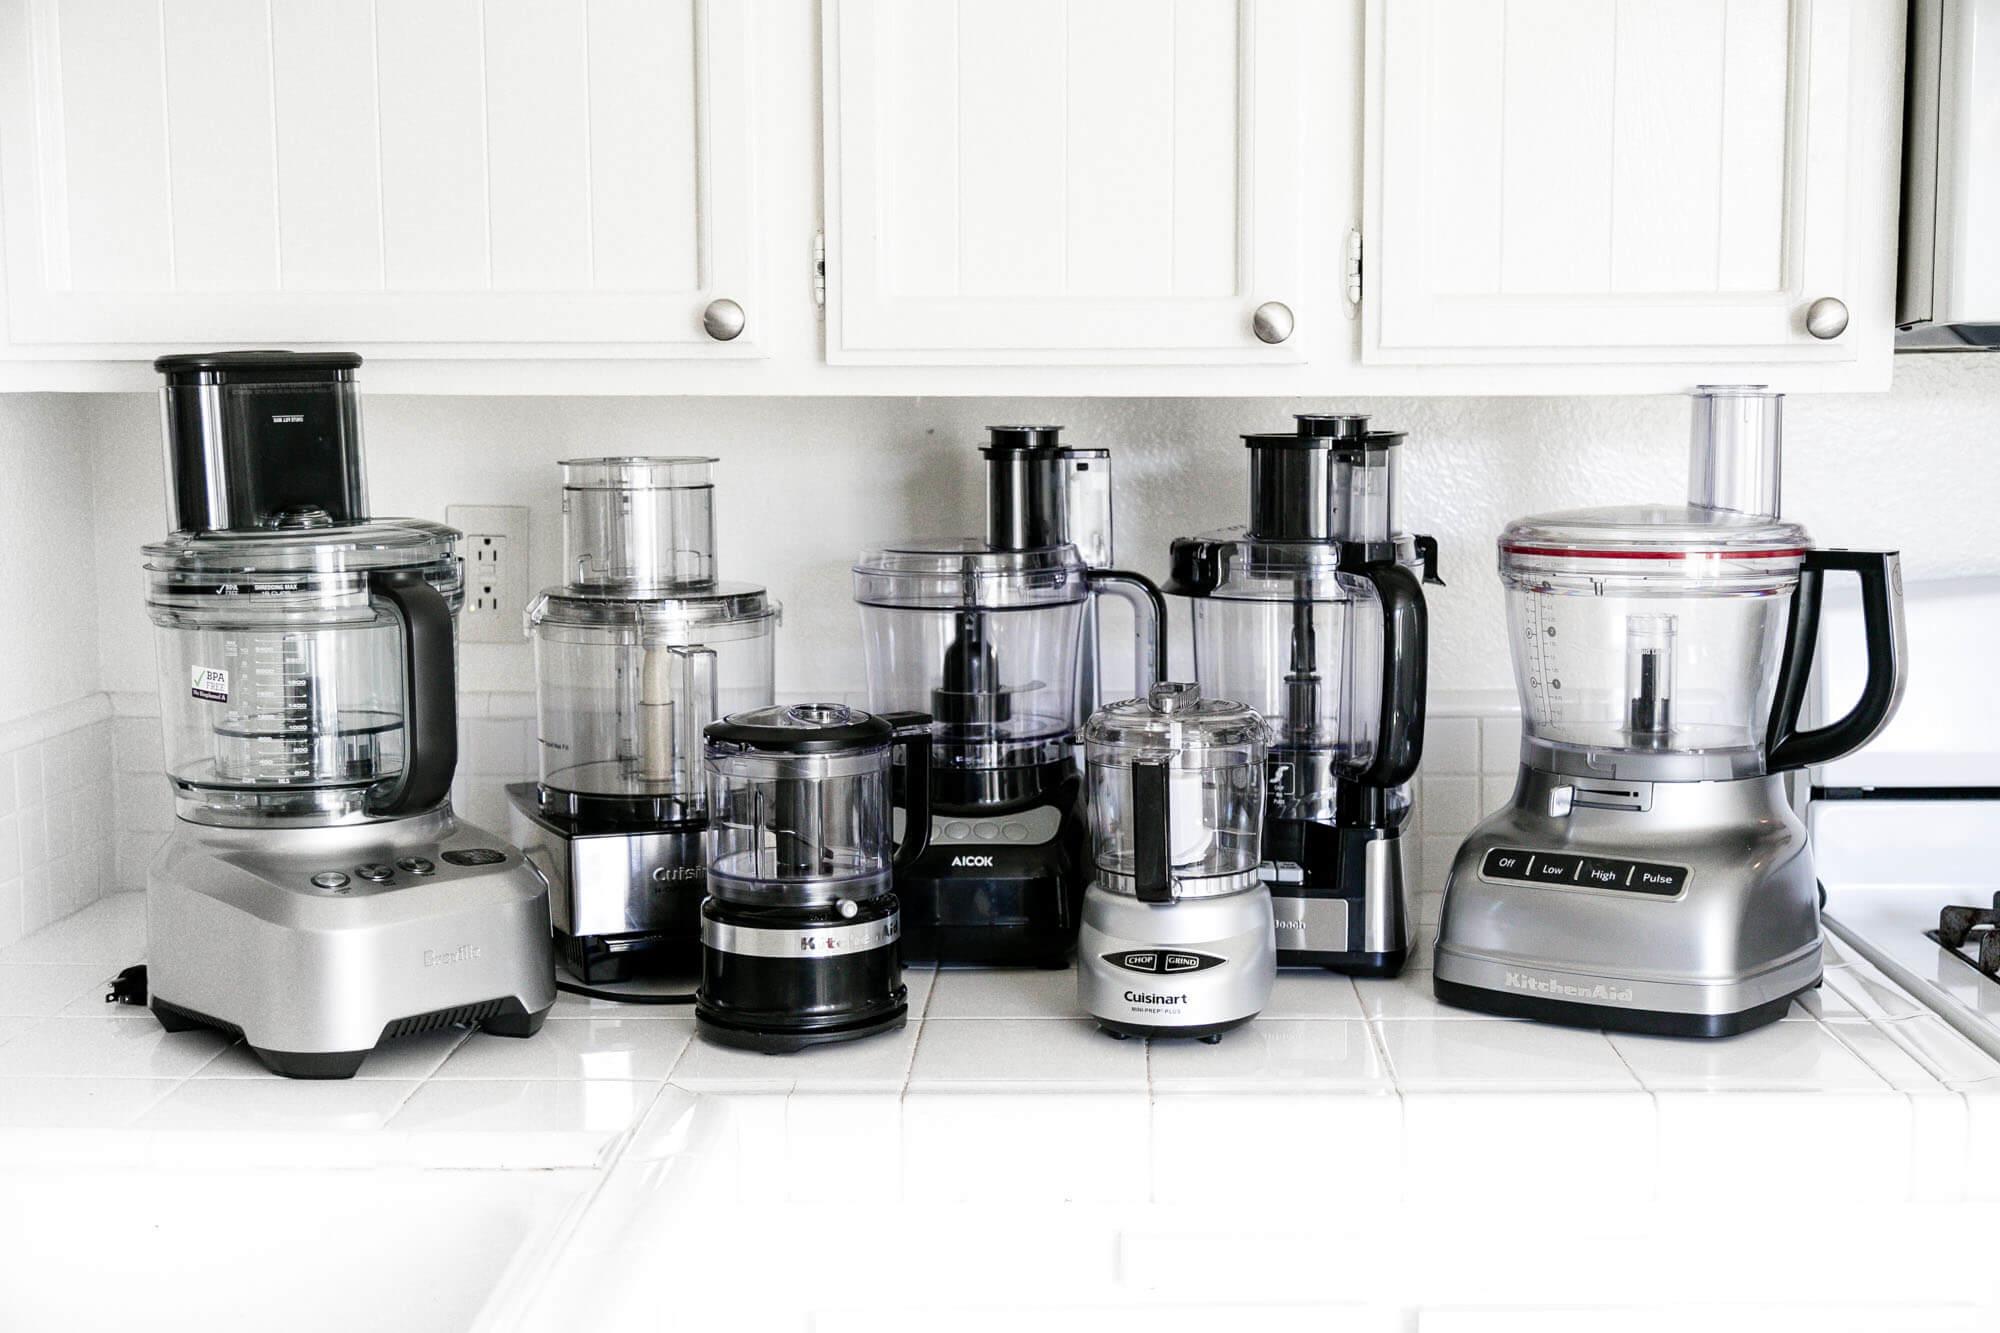 en iyi 10 mutfak robotu modeli ve